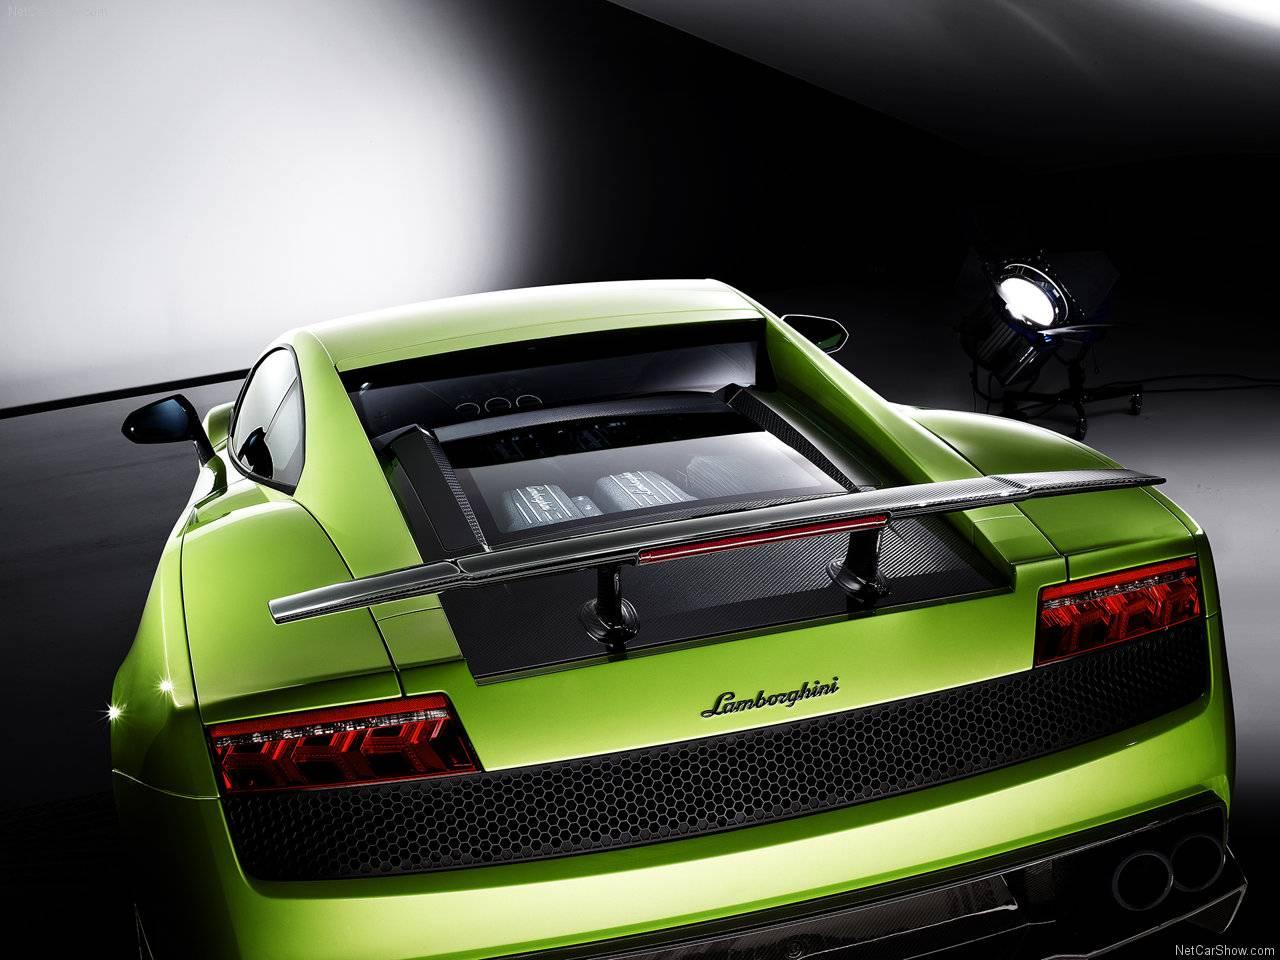 http://4.bp.blogspot.com/_lsyt_wQ2awY/TDiorLRV6vI/AAAAAAAB8_c/fkdLPvIpp6Q/s1600/Lamborghini-Gallardo_LP570-4_Superleggera_2011_1280x960_wallpaper_09.jpg